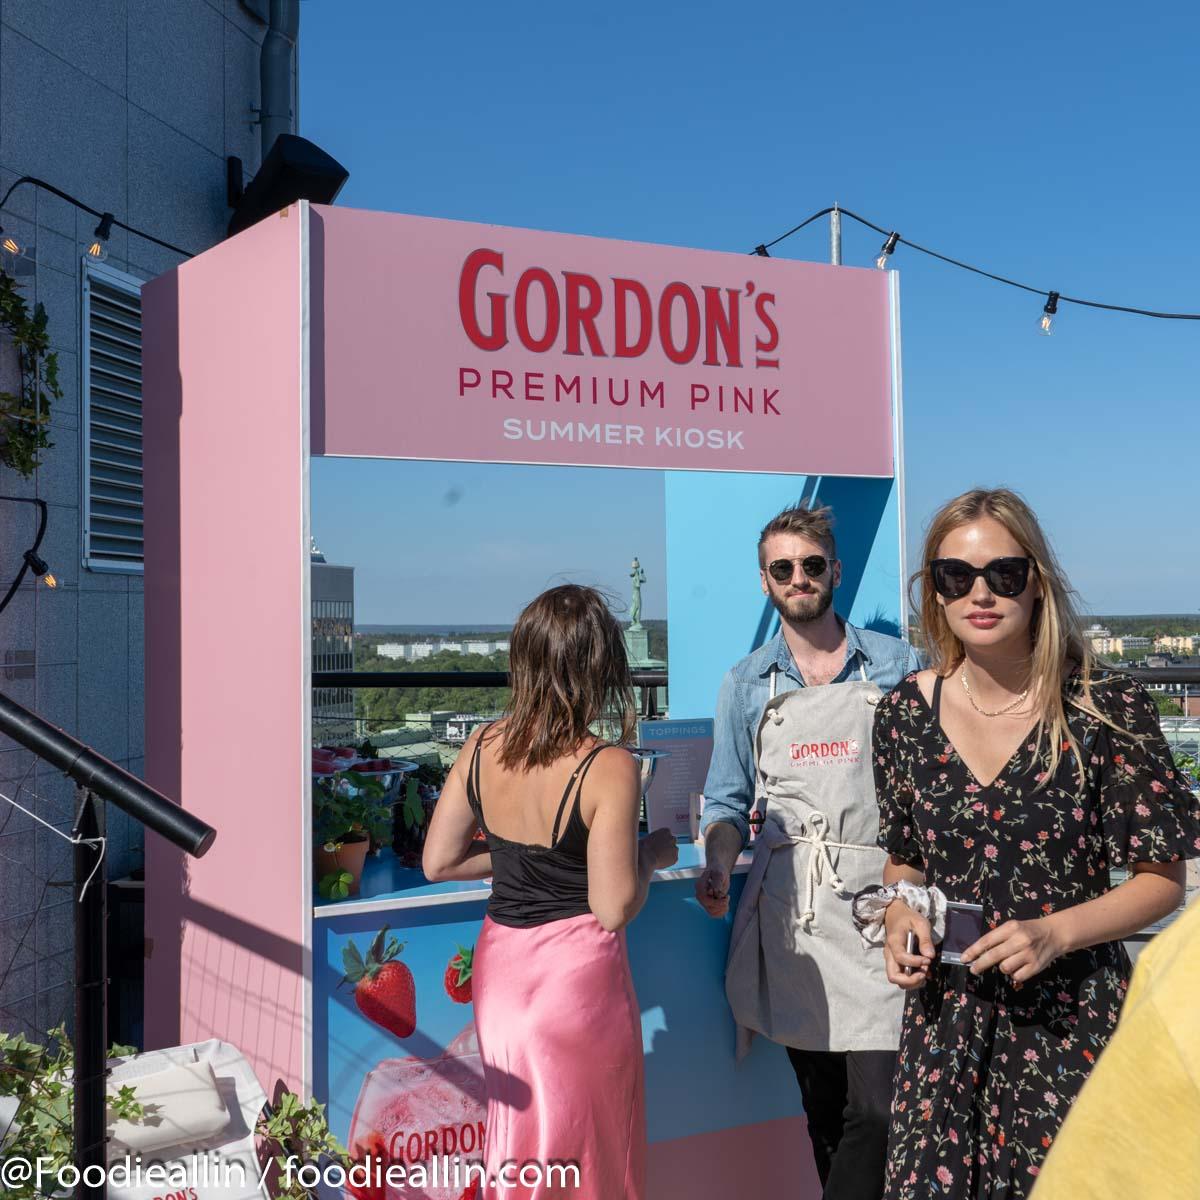 Gordon's Pink Summer kiosk